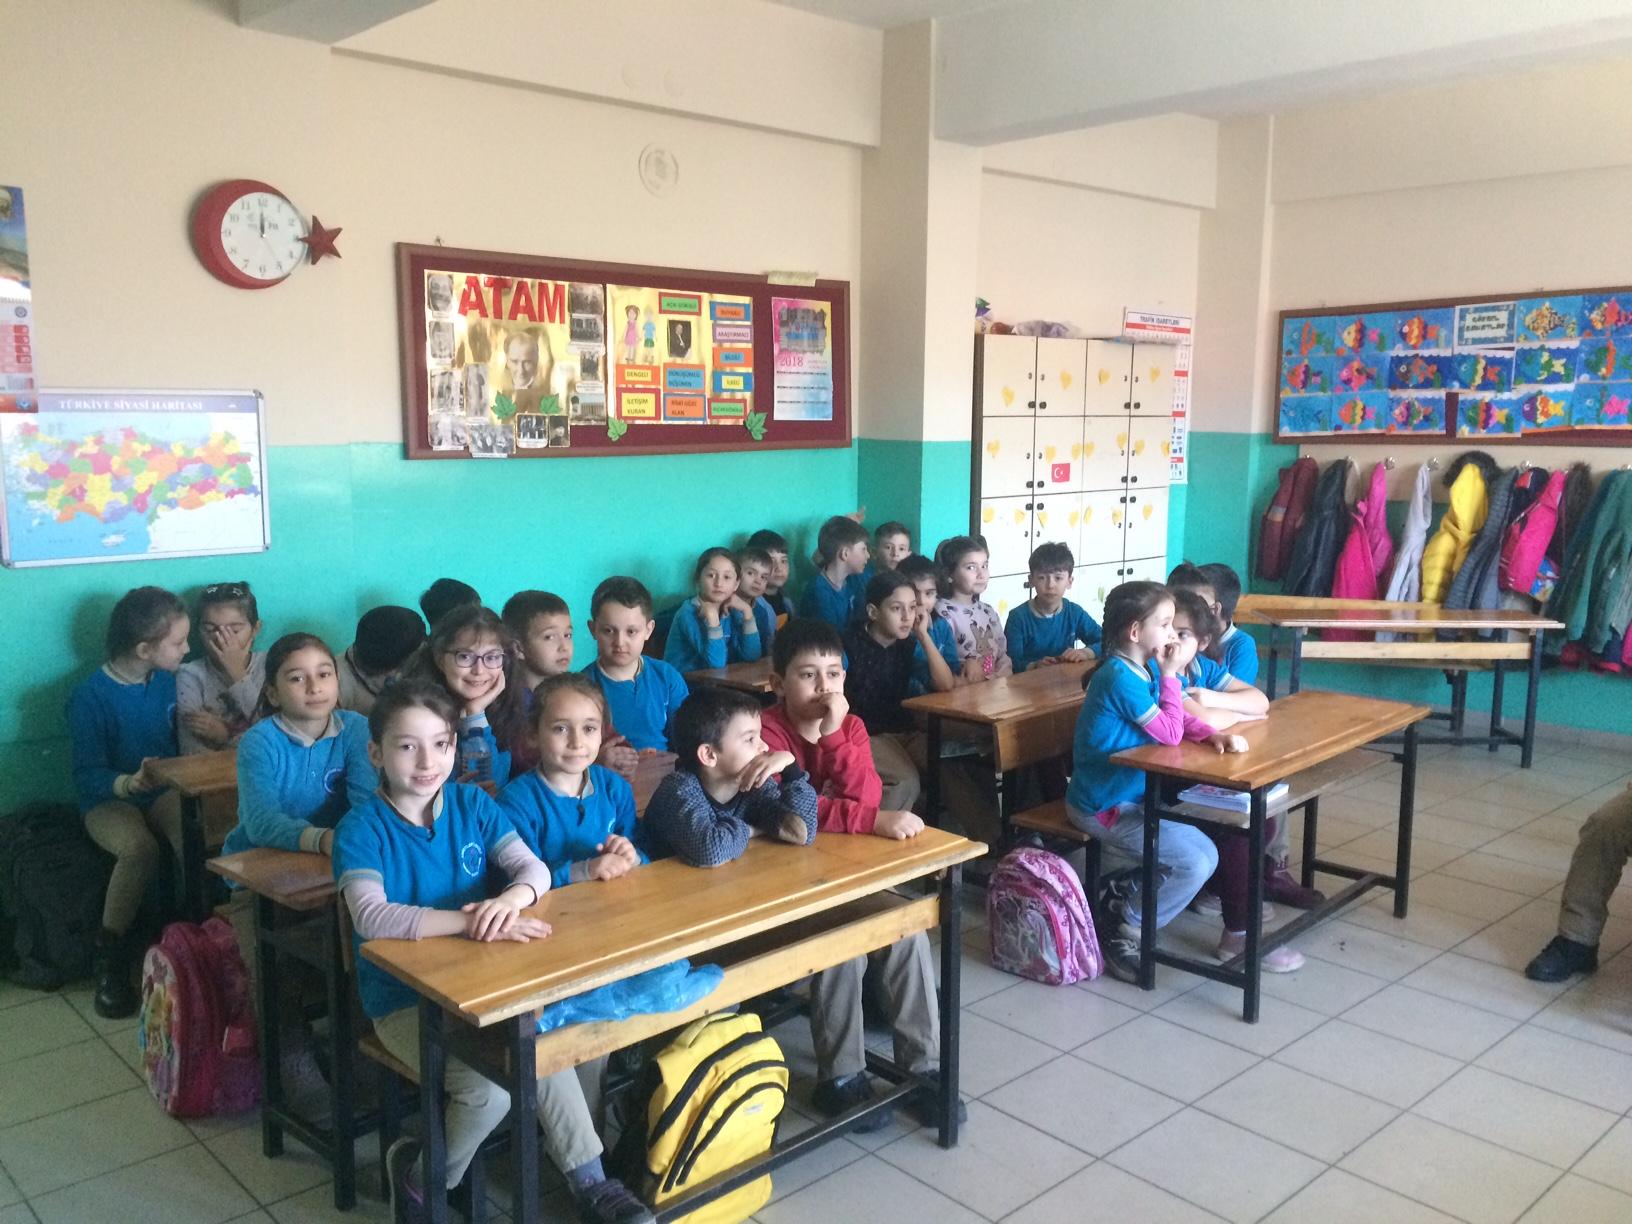 Ahmetler İkokulu'nda Sıfır Atık Konulu Eğitim Verildi